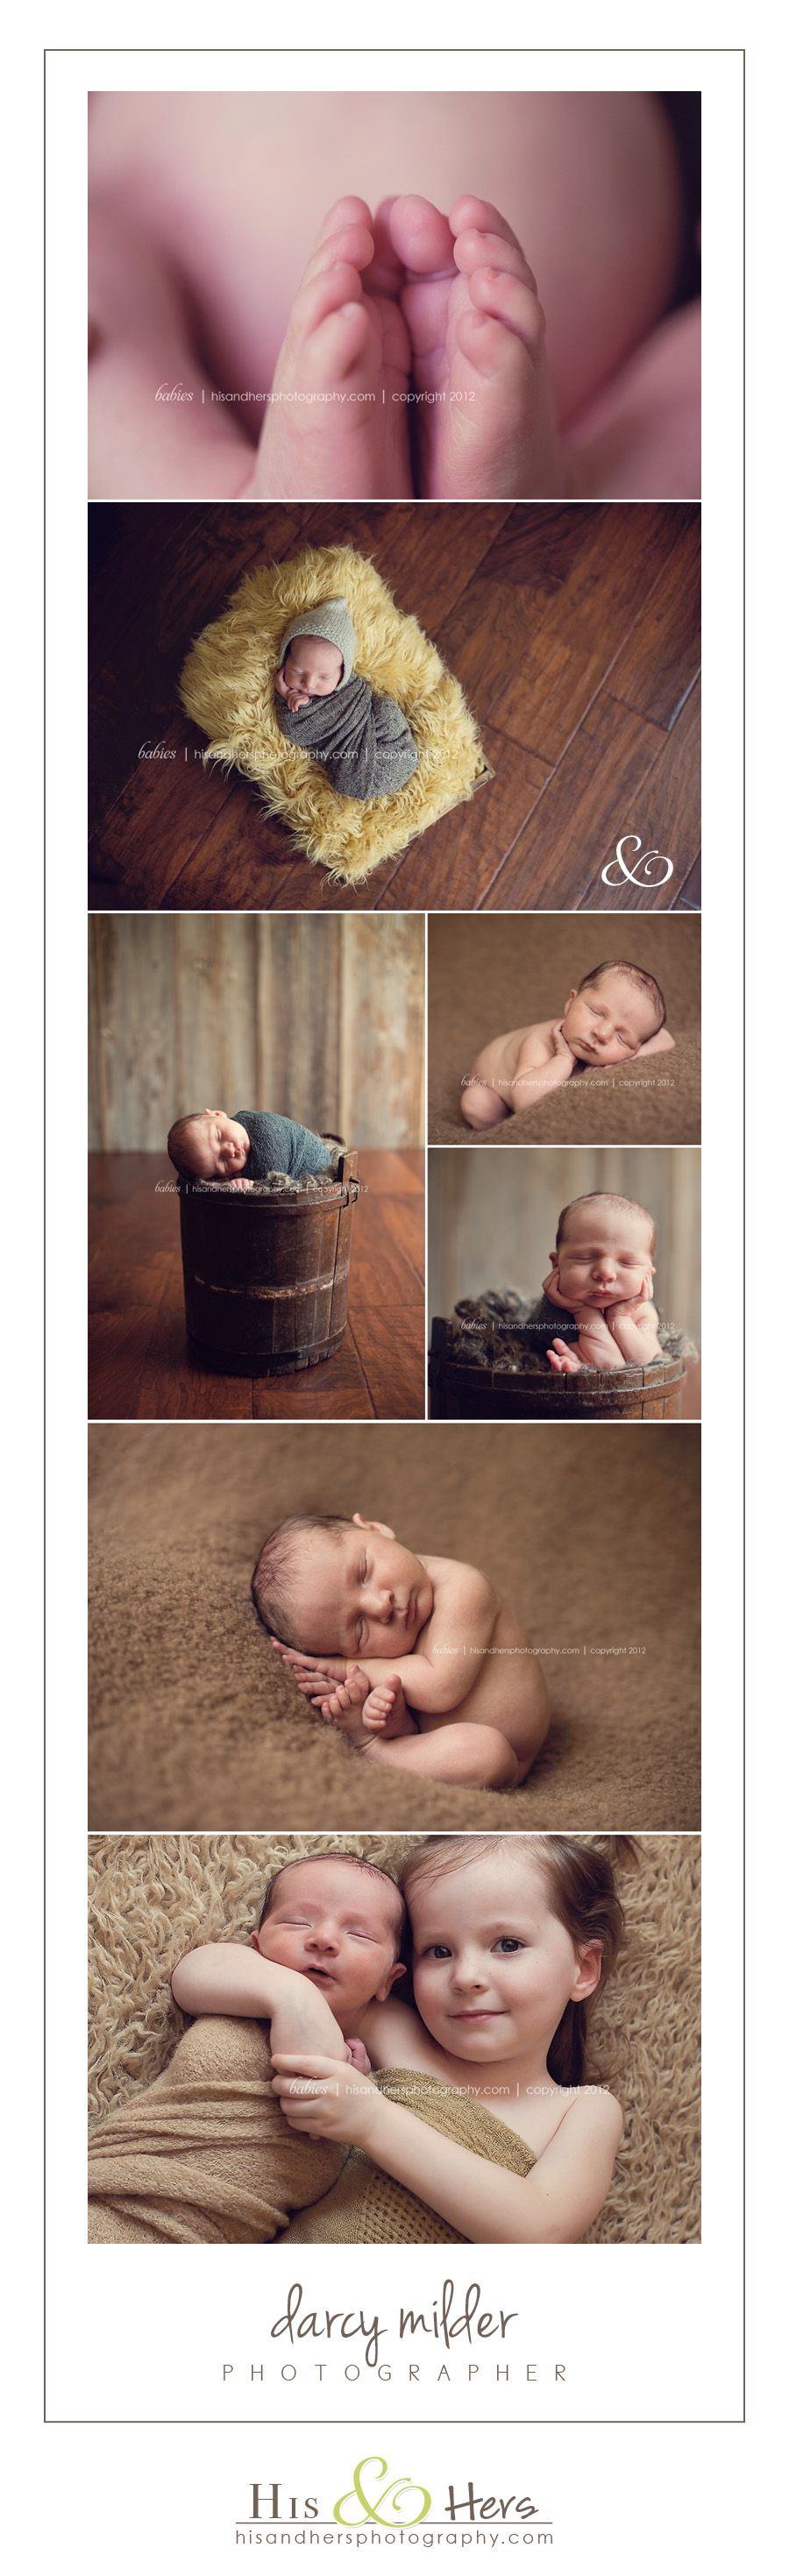 Iowa Newborn Photographer, Des Moines Iowa Baby photography | His & Hers | Des Moines, Iowa